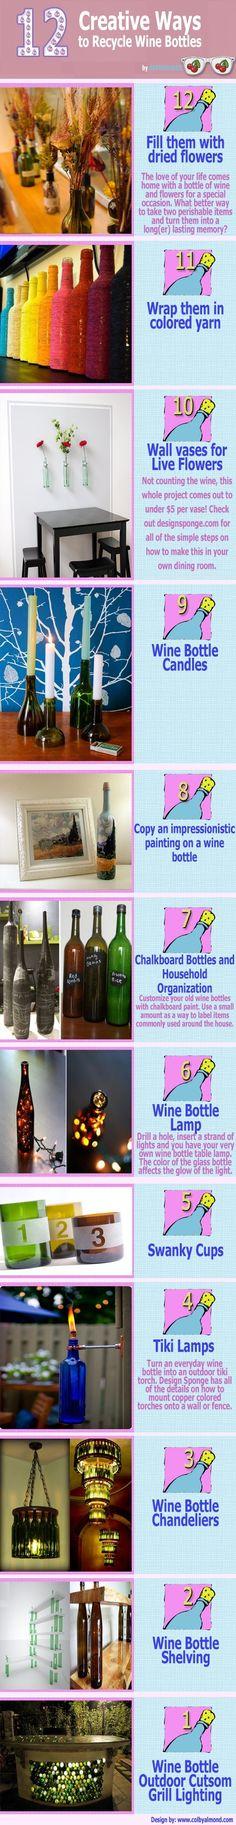 Wine bottle crafts :) fun!